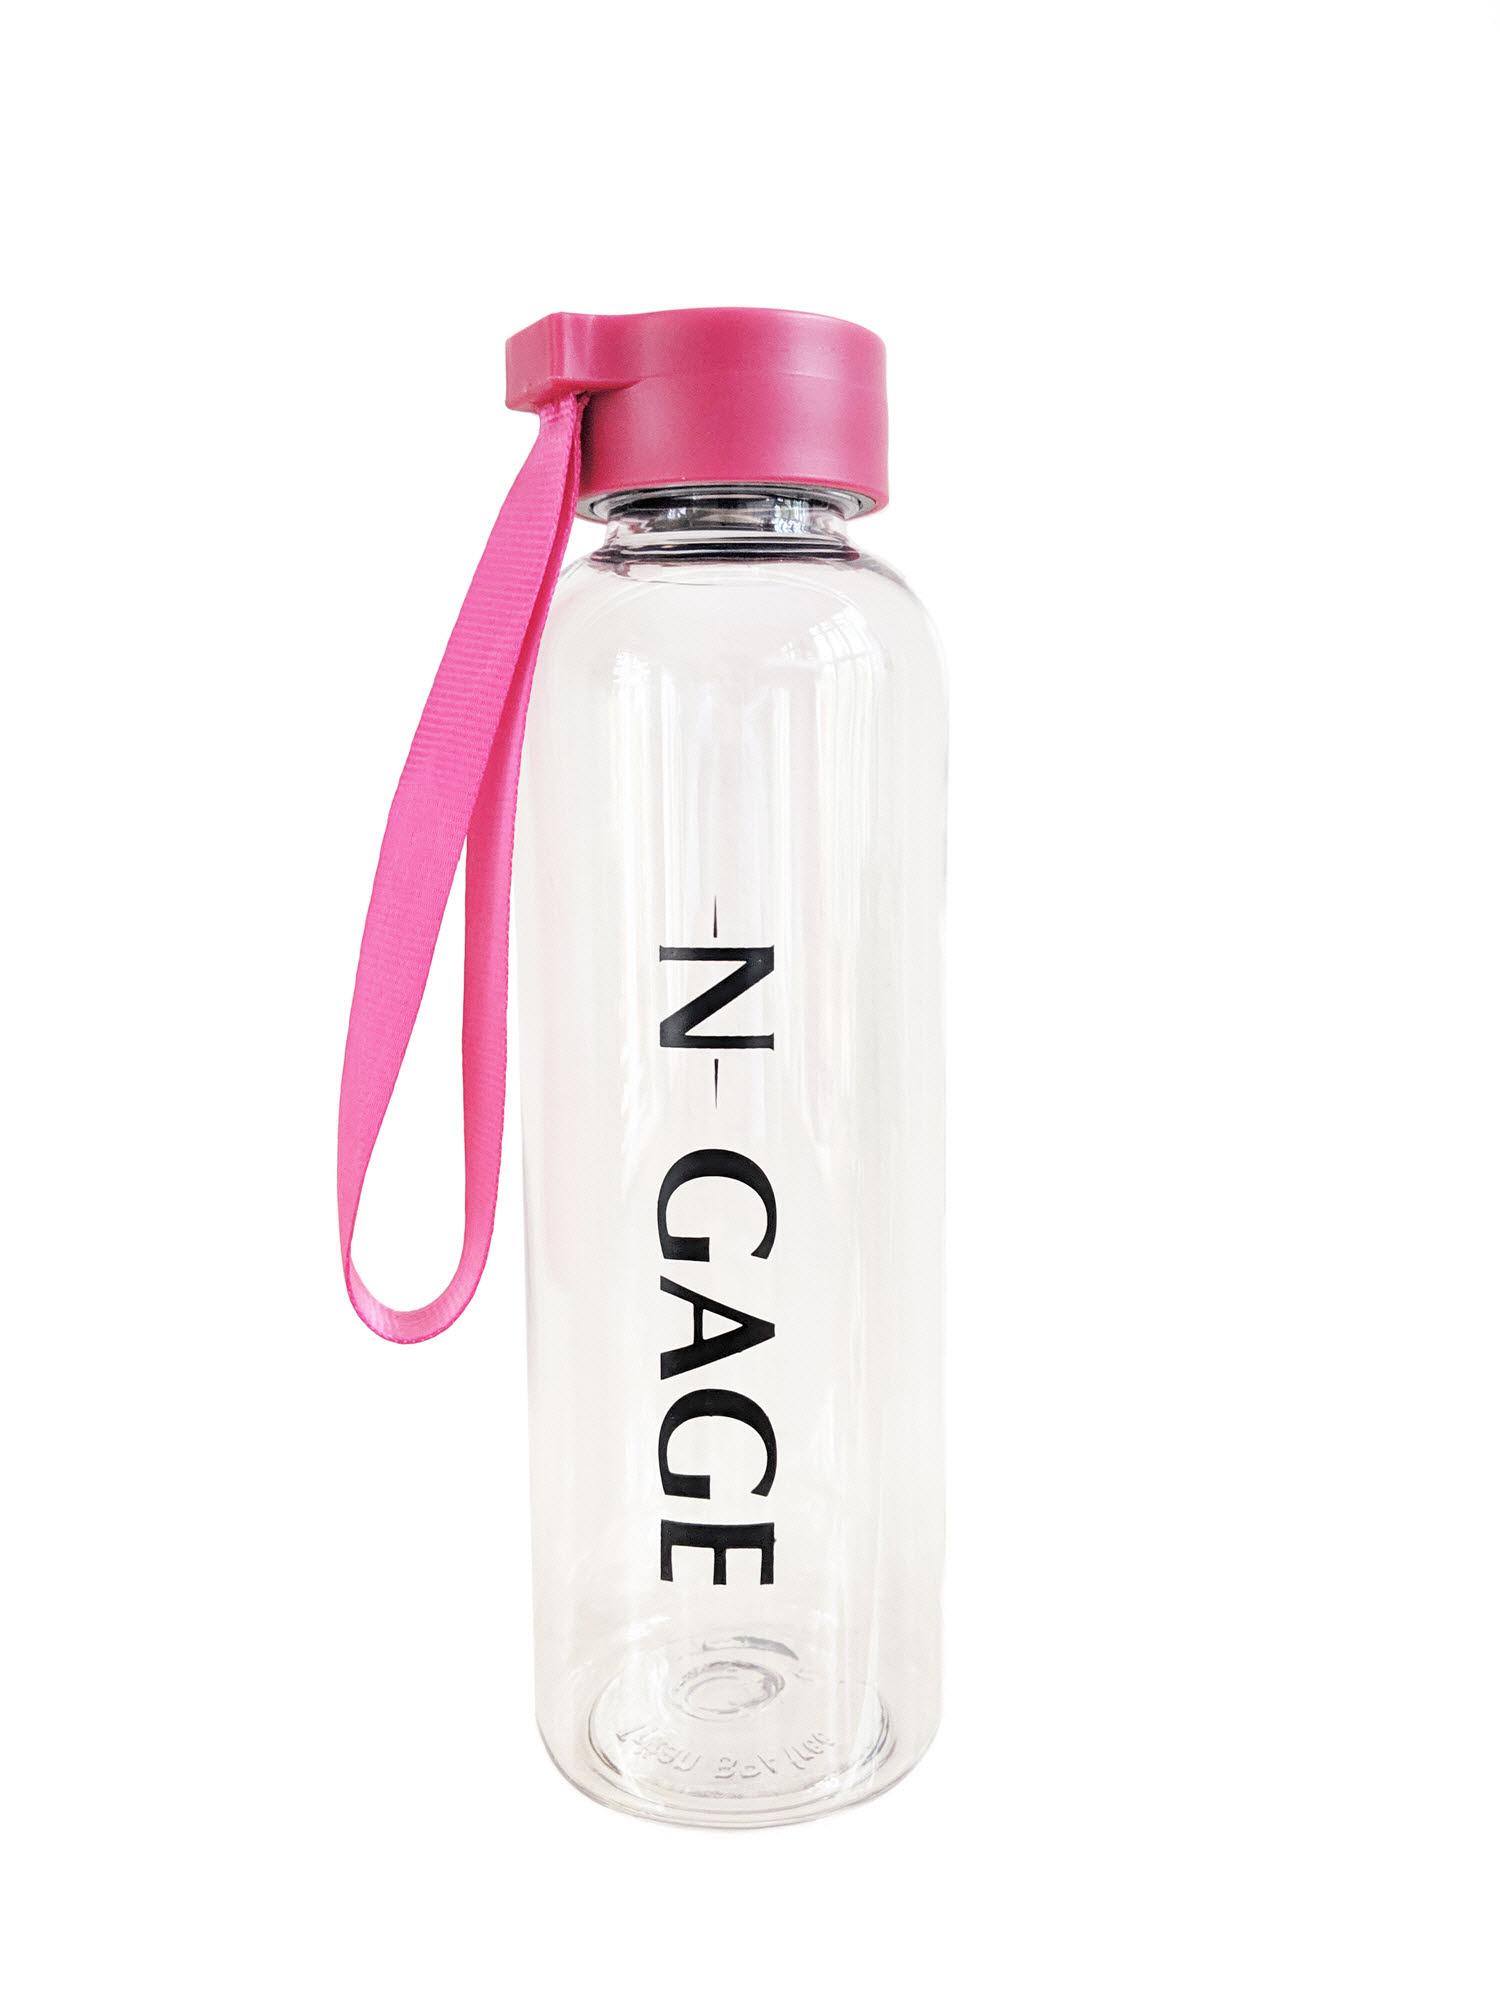 Water bottle 2 3.0